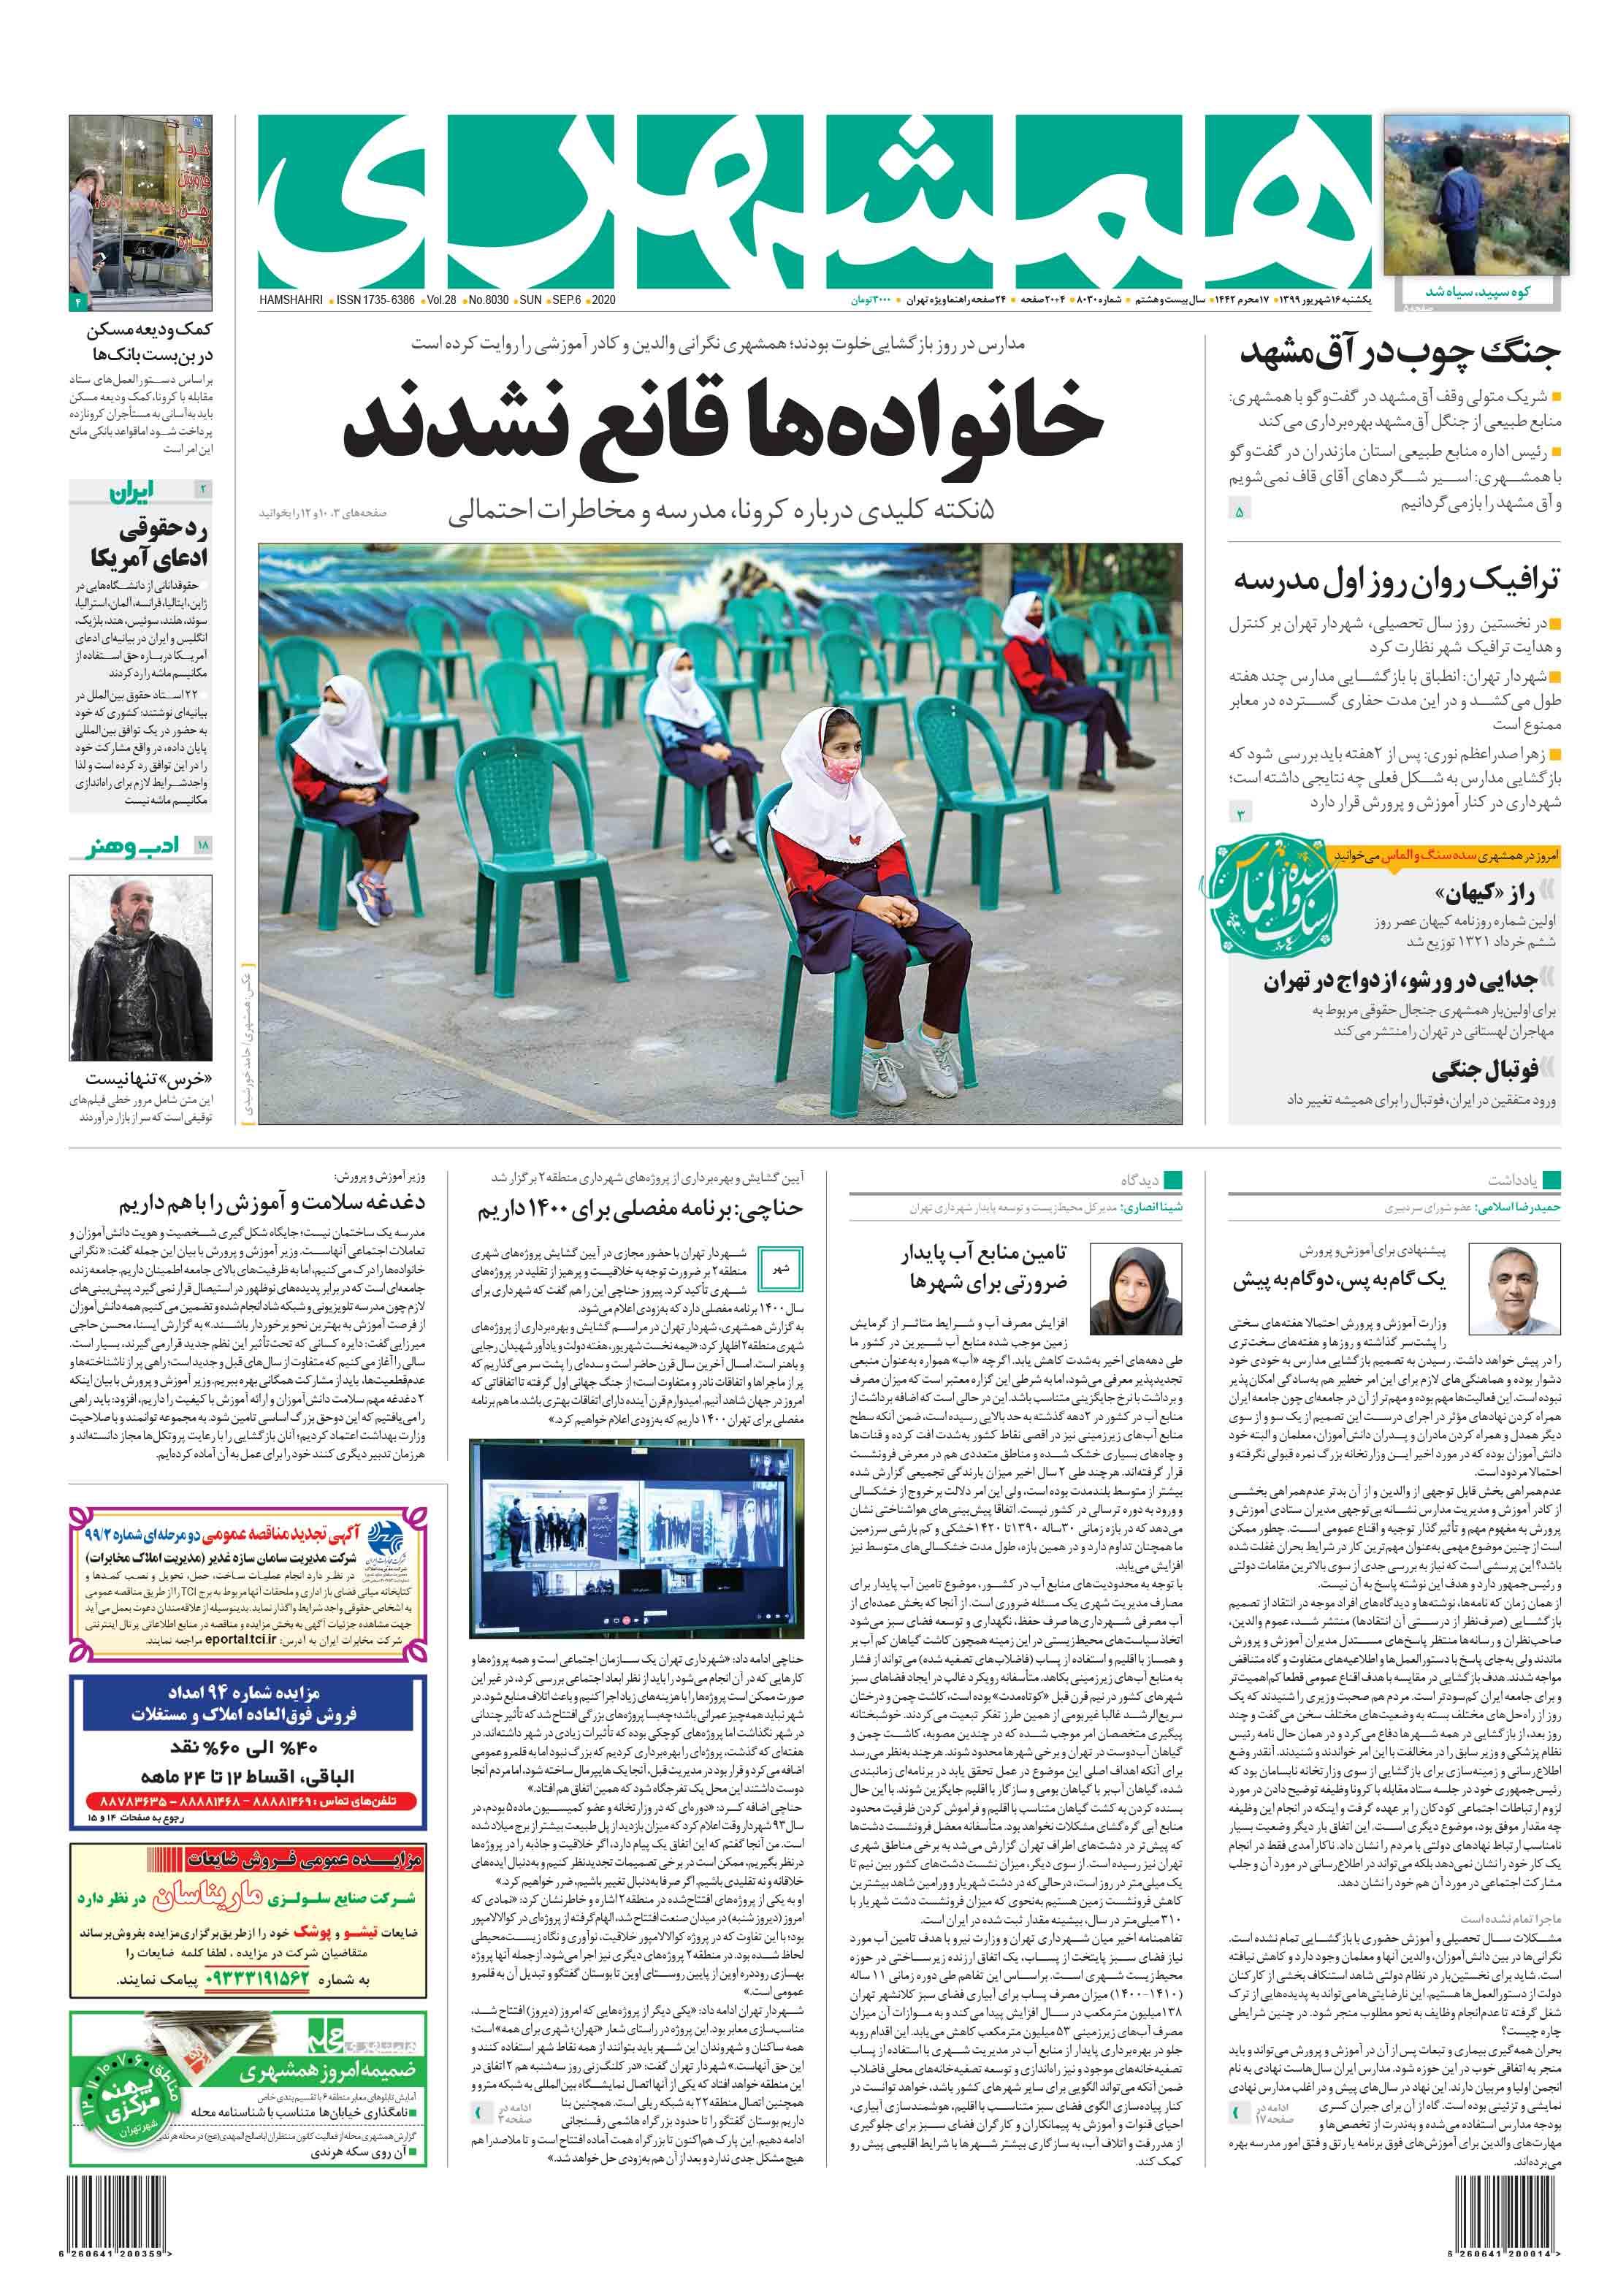 صفحه اول یکشنبه 16 شهریور 1399